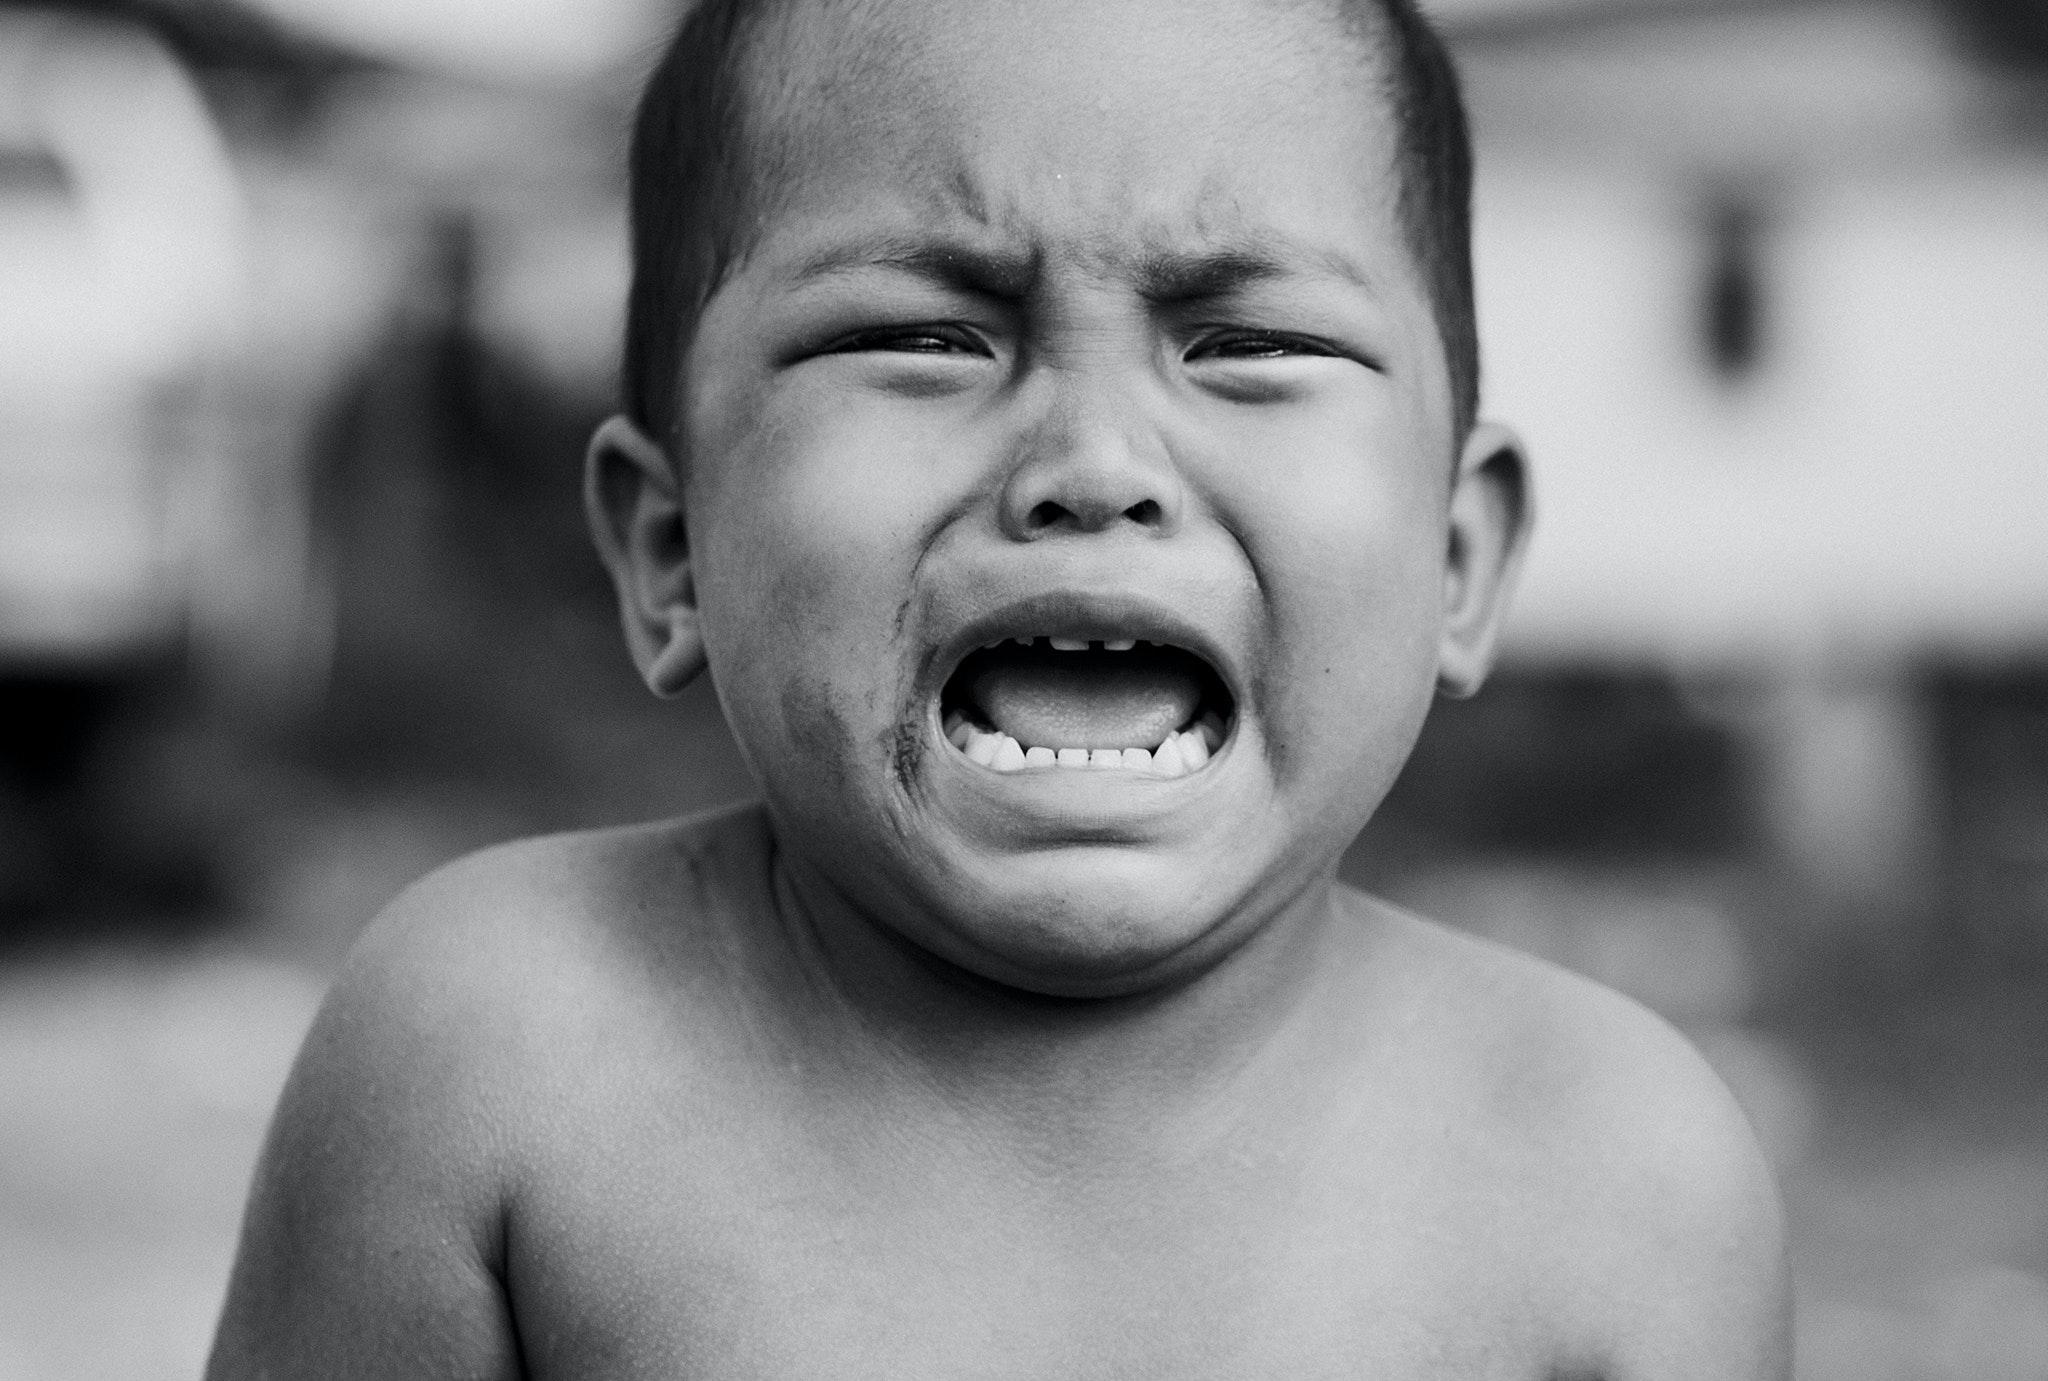 1000 Trauriges Gesicht Fotos Pexels Kostenlose Stock Fotos